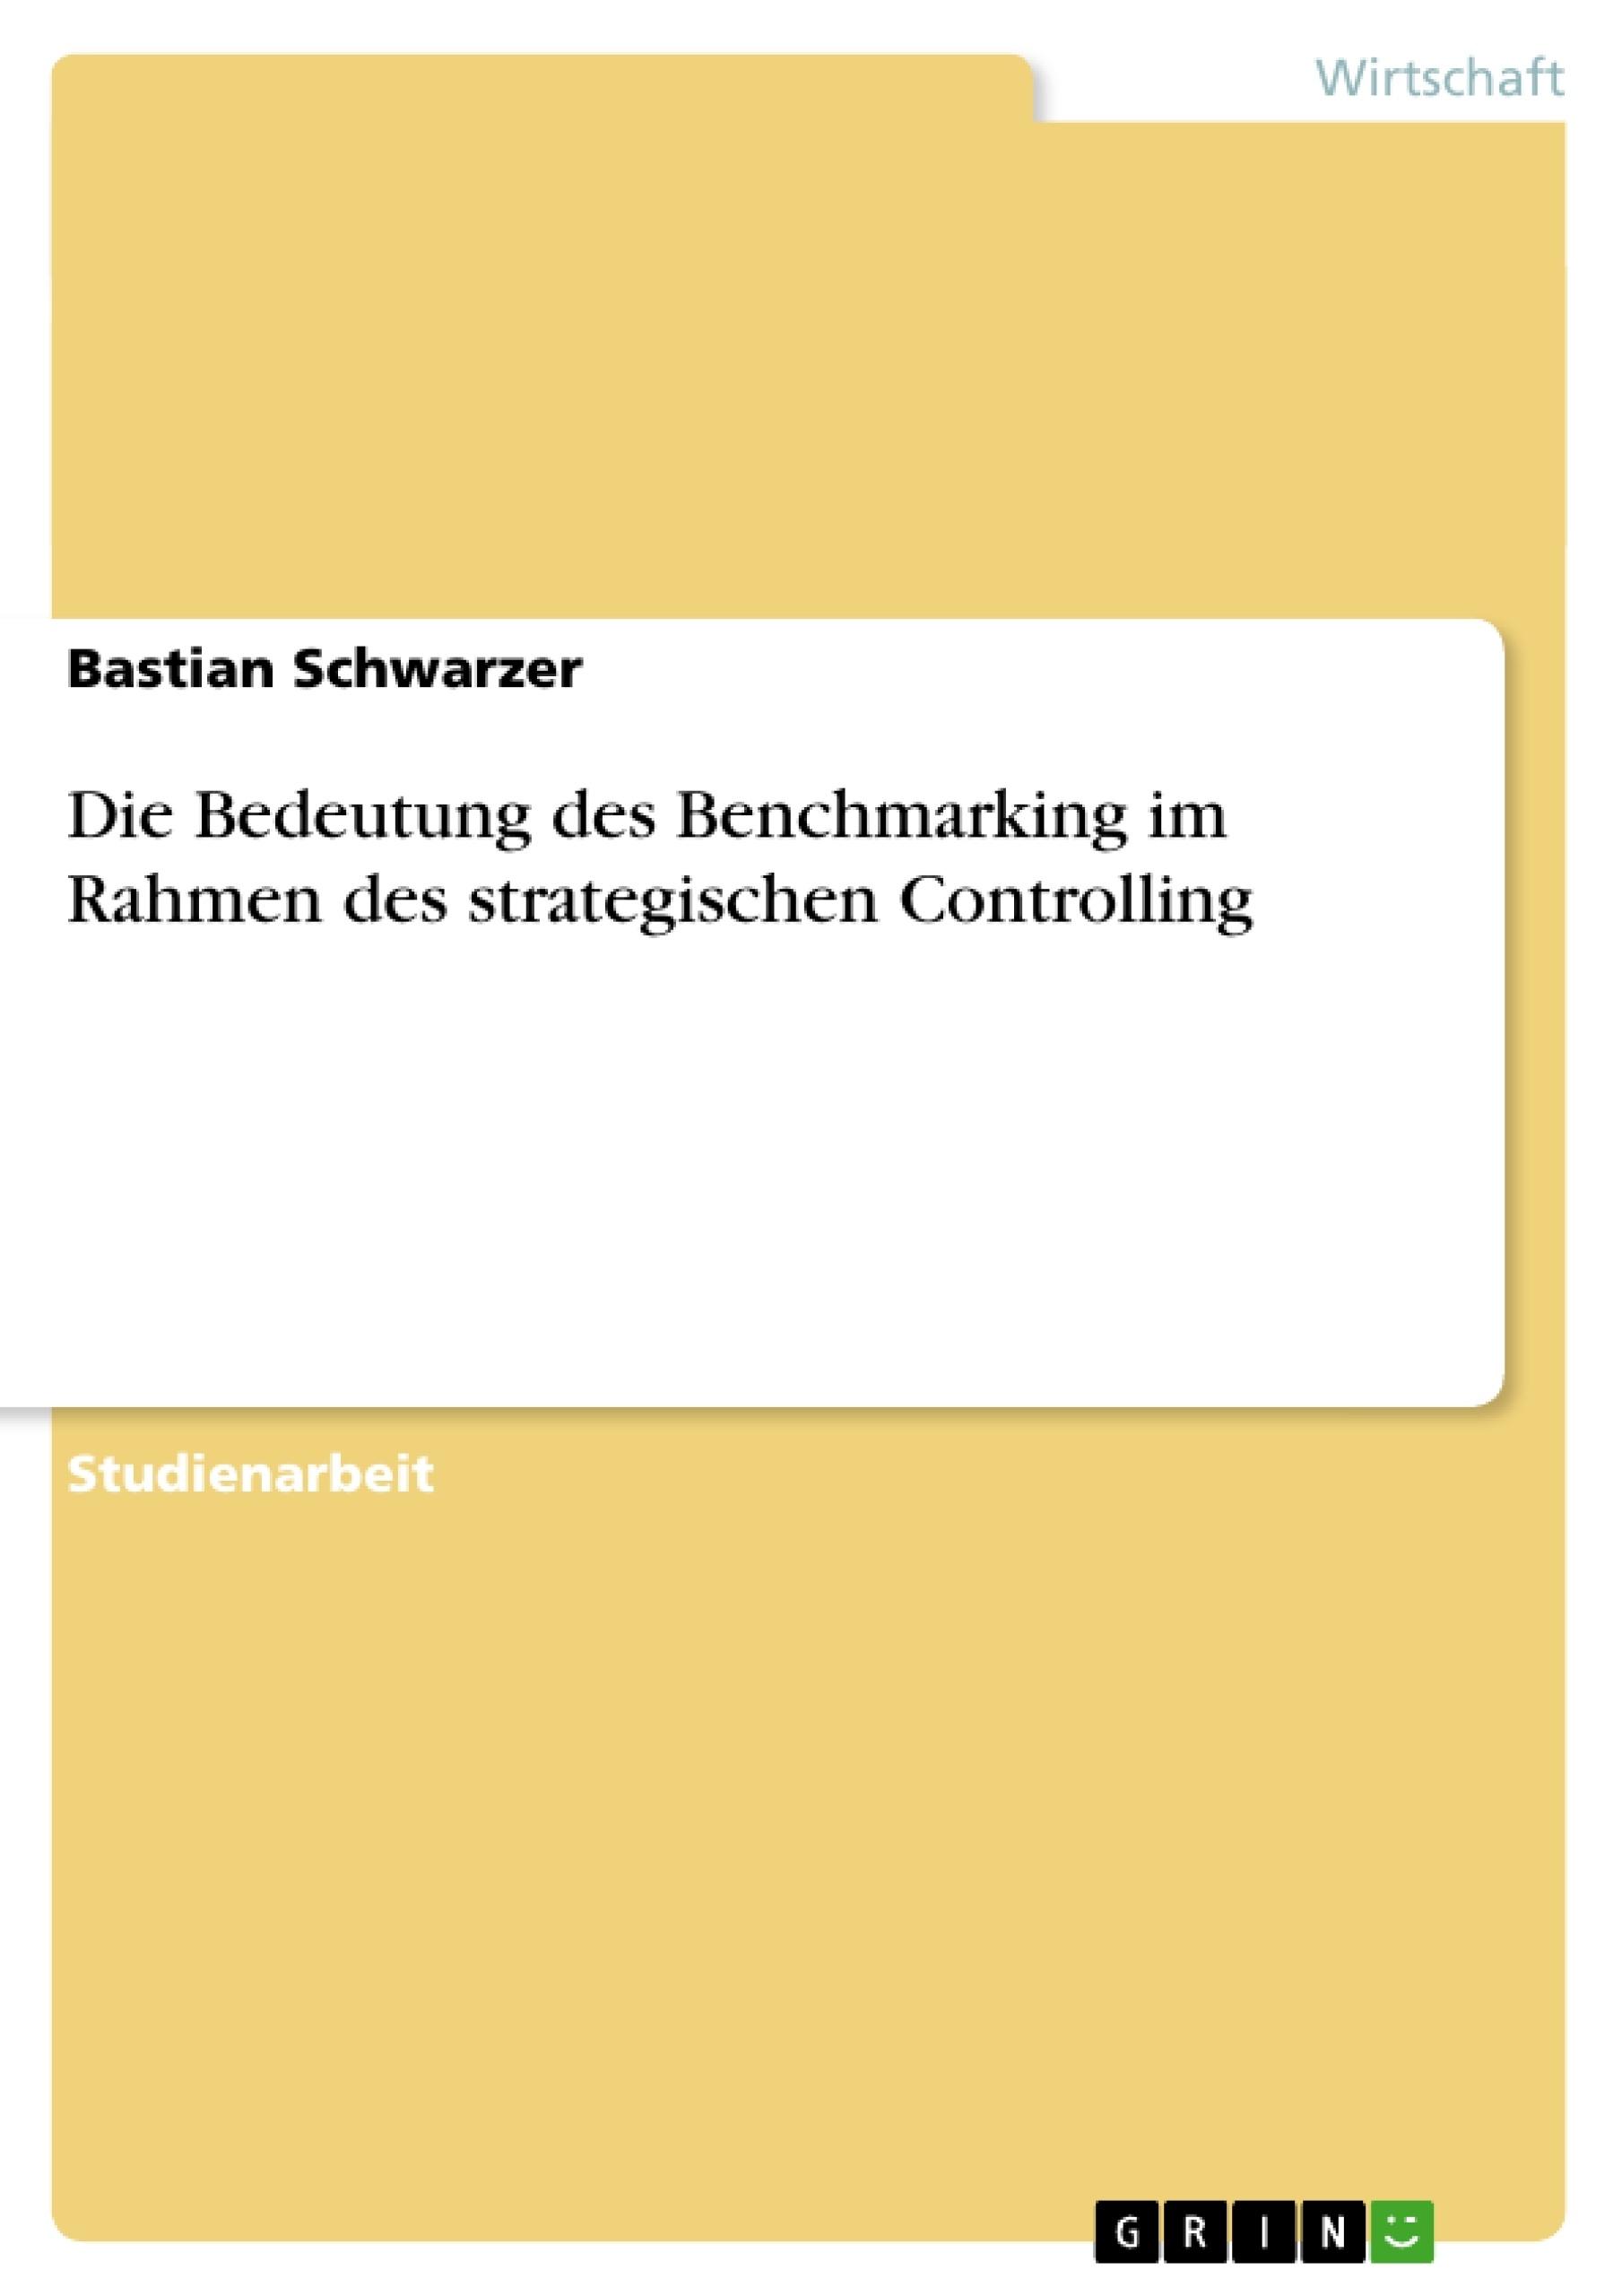 Titel: Die Bedeutung des Benchmarking im Rahmen des strategischen Controlling